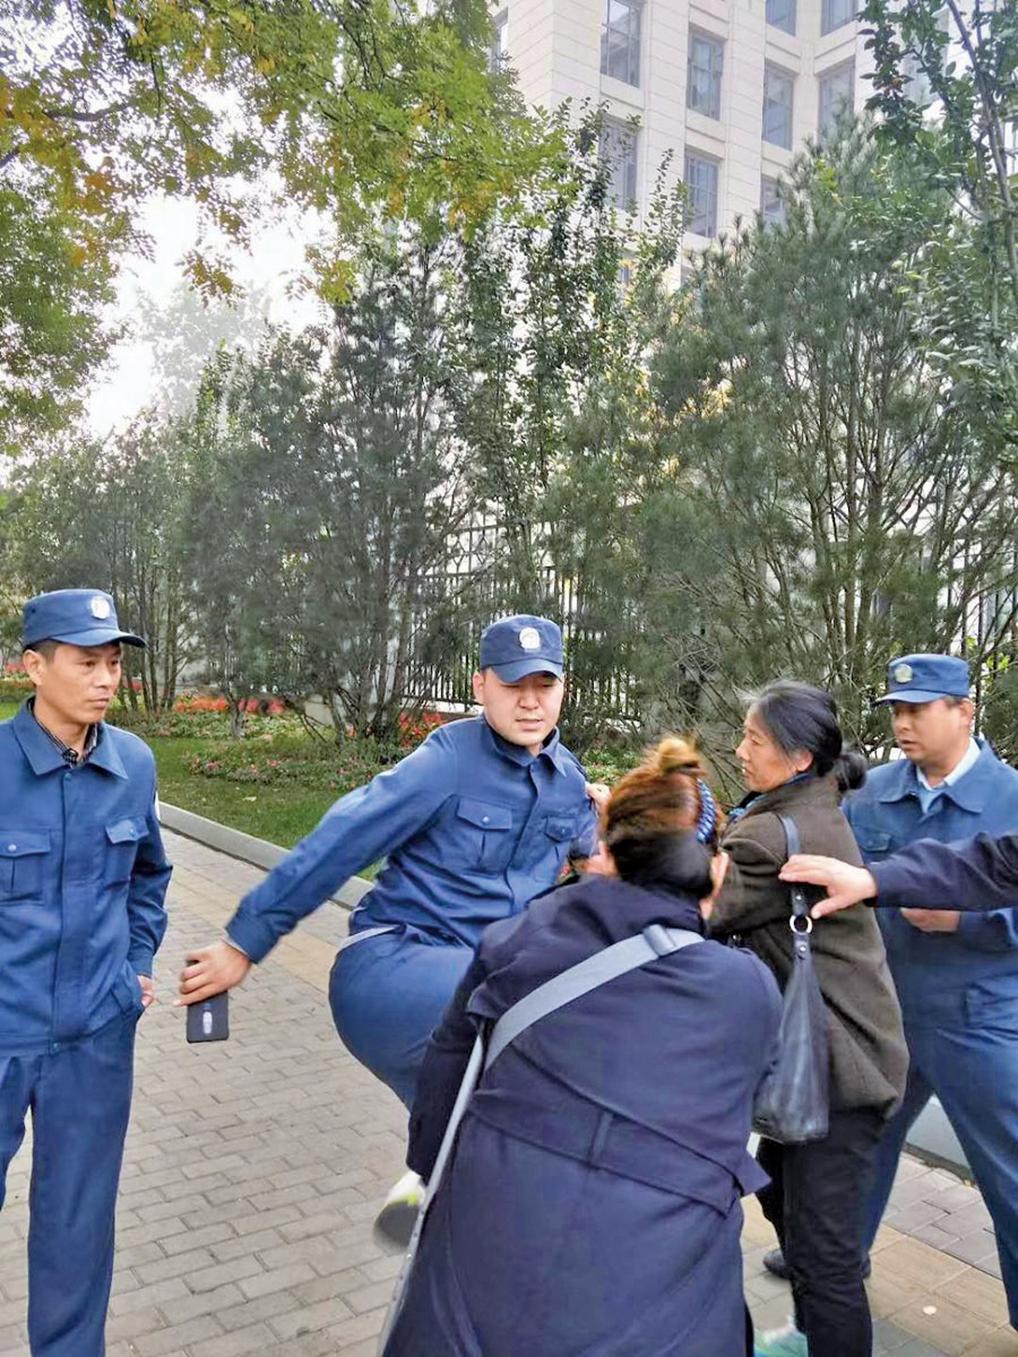 北京市豐台區殘疾人葛志慧被警察飛踢毆打傷重住院。(推特圖片)